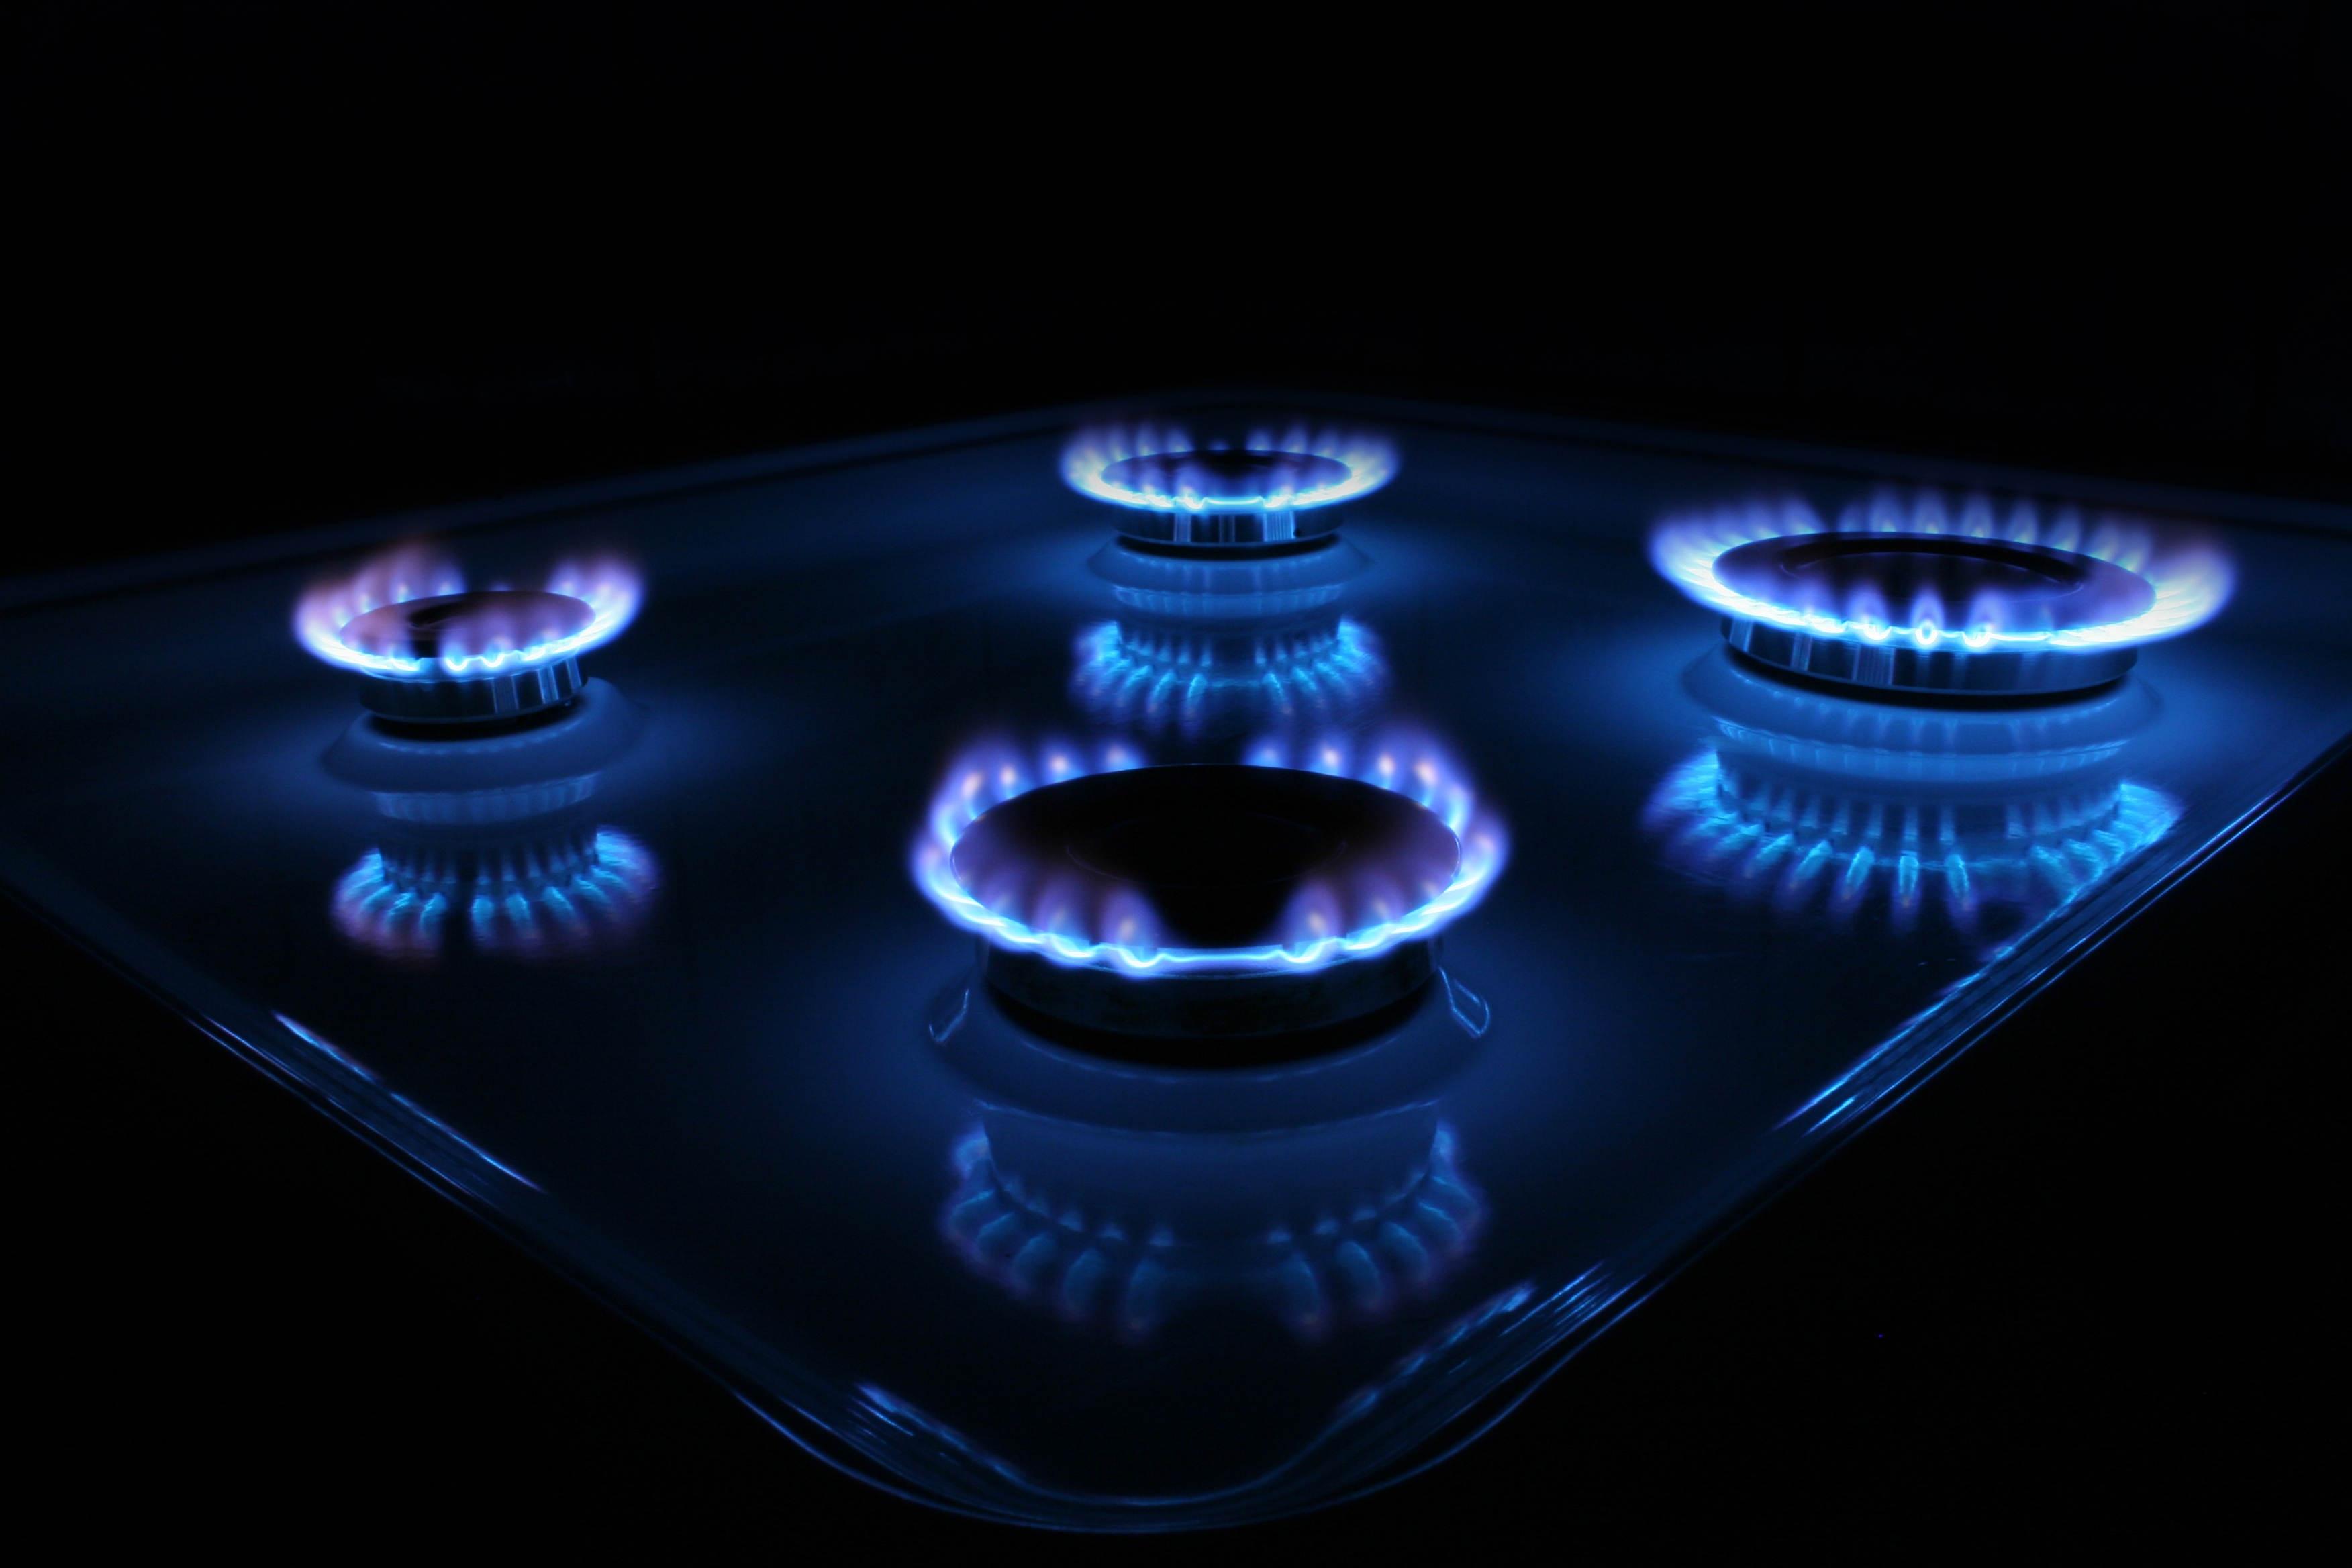 Вы не поверите на сколько подорожал газ за 2 года — это действительно впечатляет